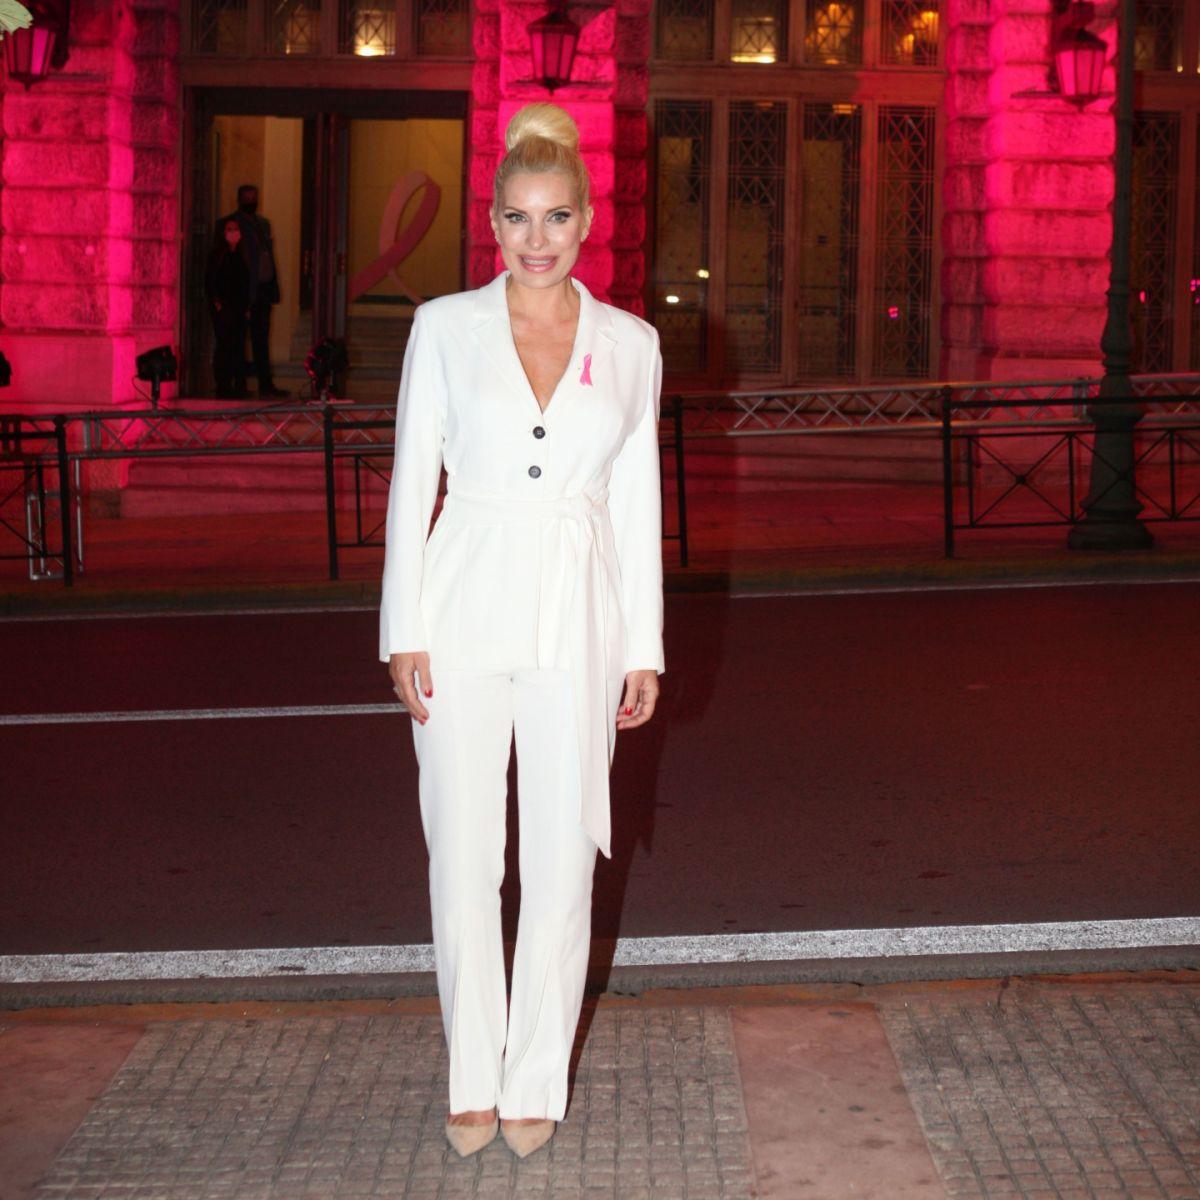 Η Ελένη Μενεγάκη μας δείχνει πώς να φορέσουμε το λευκό κοστούμι αυτή τη σεζόν